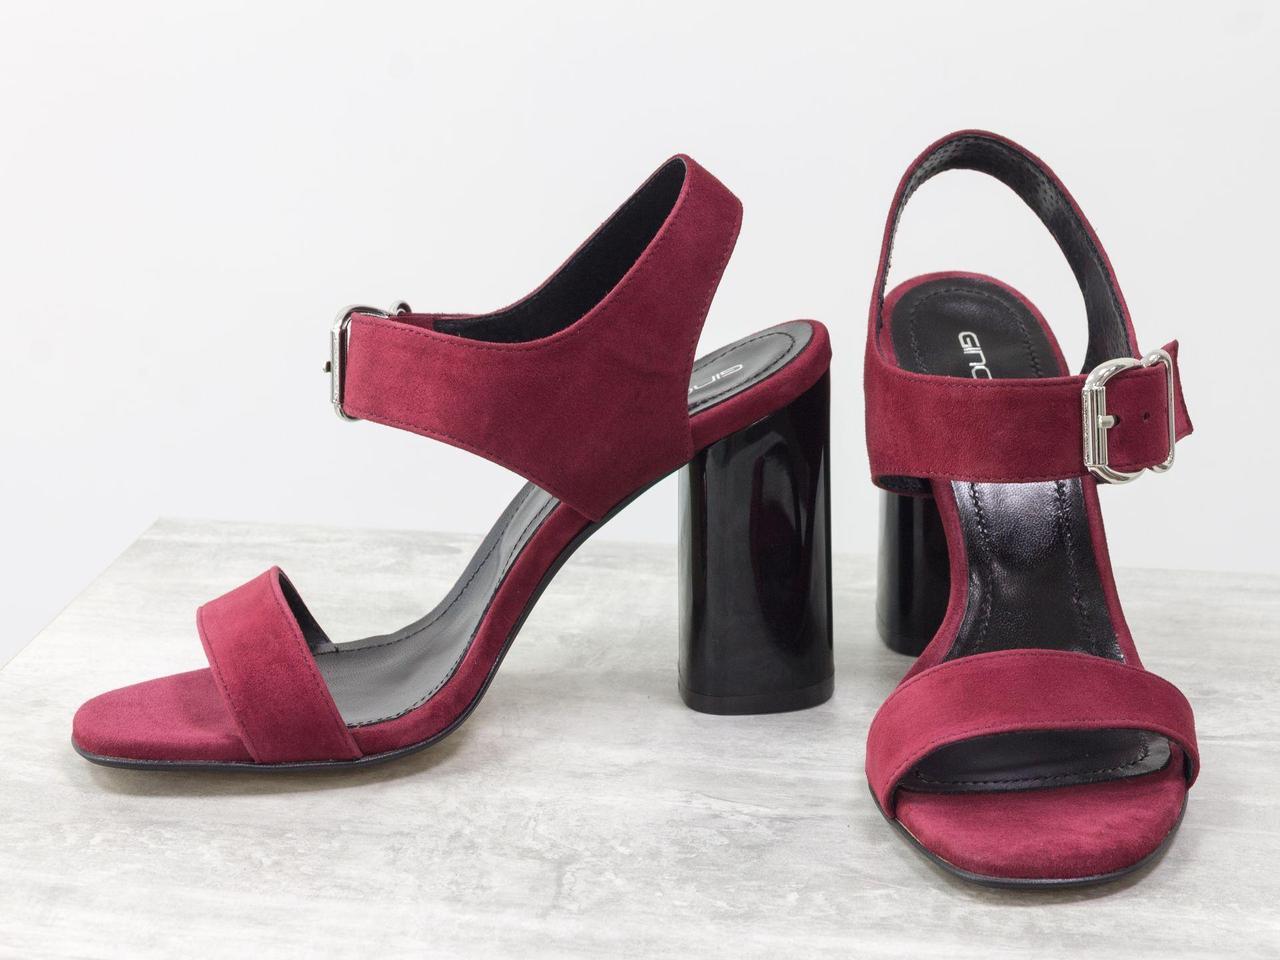 Женские босоножки на каблуке, из итальянской замши-велюр бордового цвета, на устойчивом невысоком каблуке